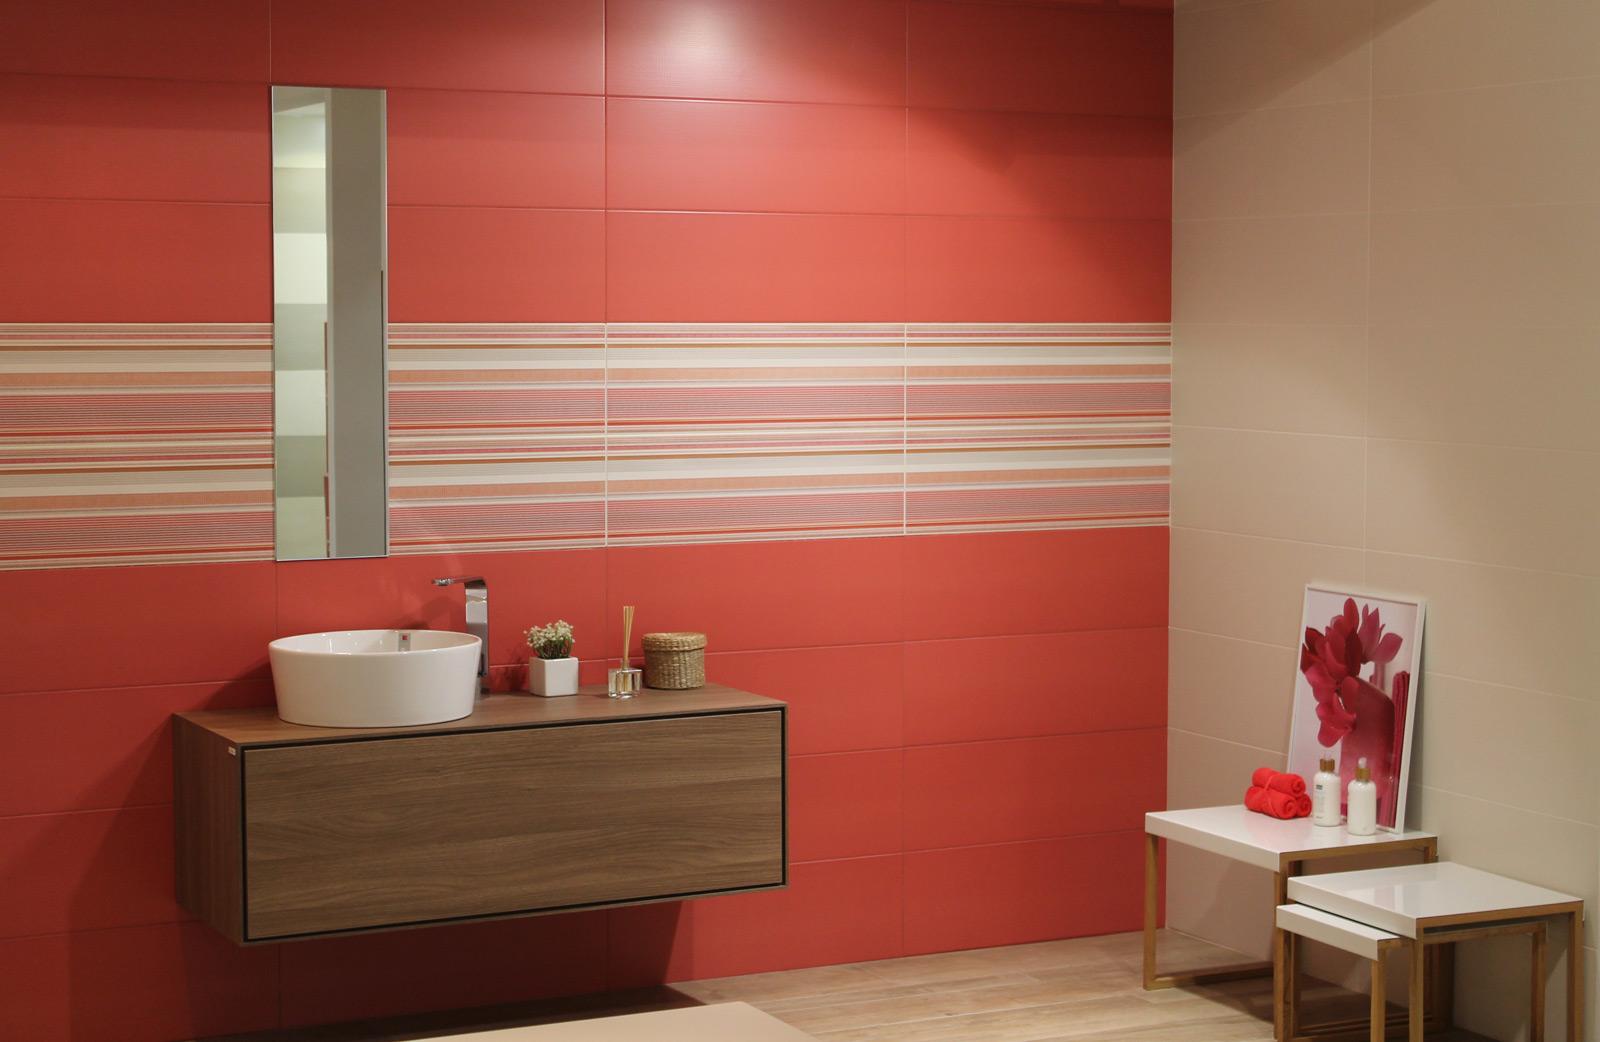 Collezioni cevisama 2013 marazzi - Pomelli colorati per mobili ...